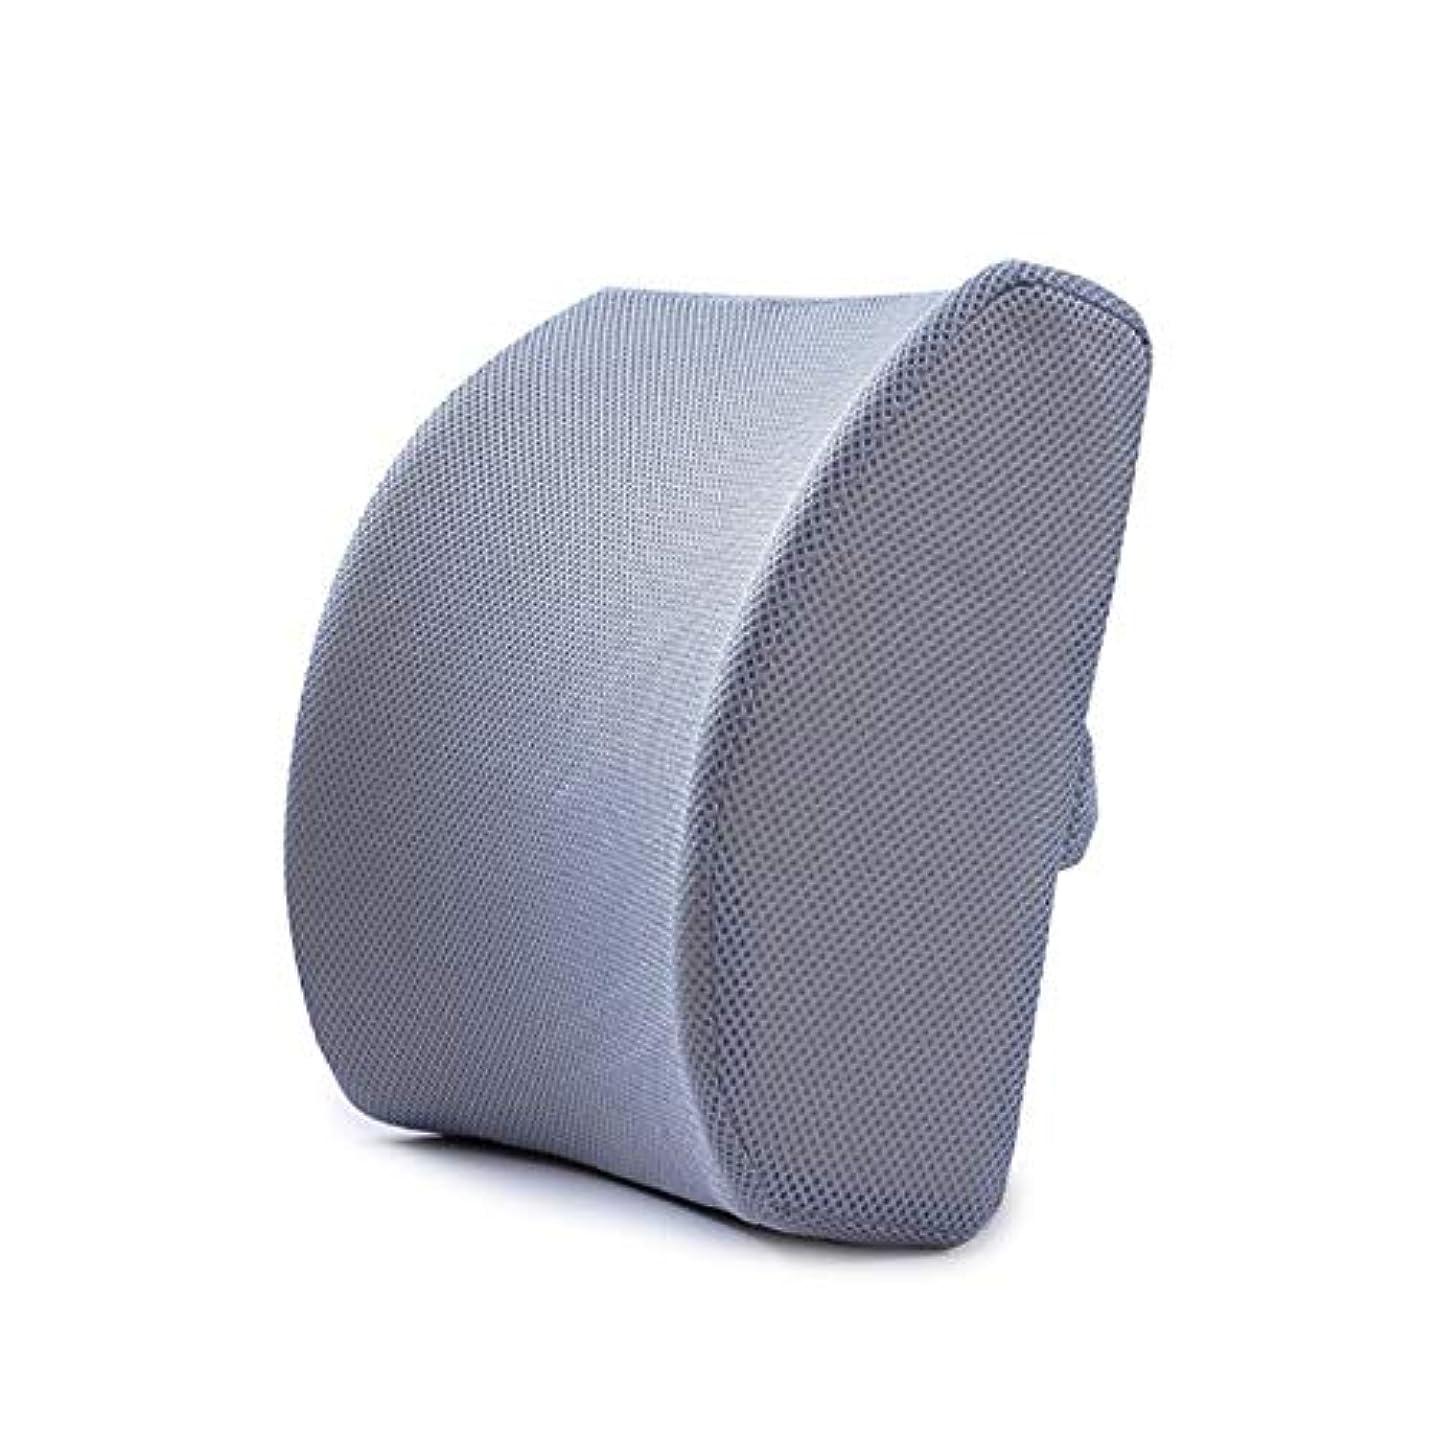 ペフフラッシュのように素早くブラジャーLIFE ホームオフィス背もたれ椅子腰椎クッションカーシートネック枕 3D 低反発サポートバックマッサージウエストレスリビング枕 クッション 椅子